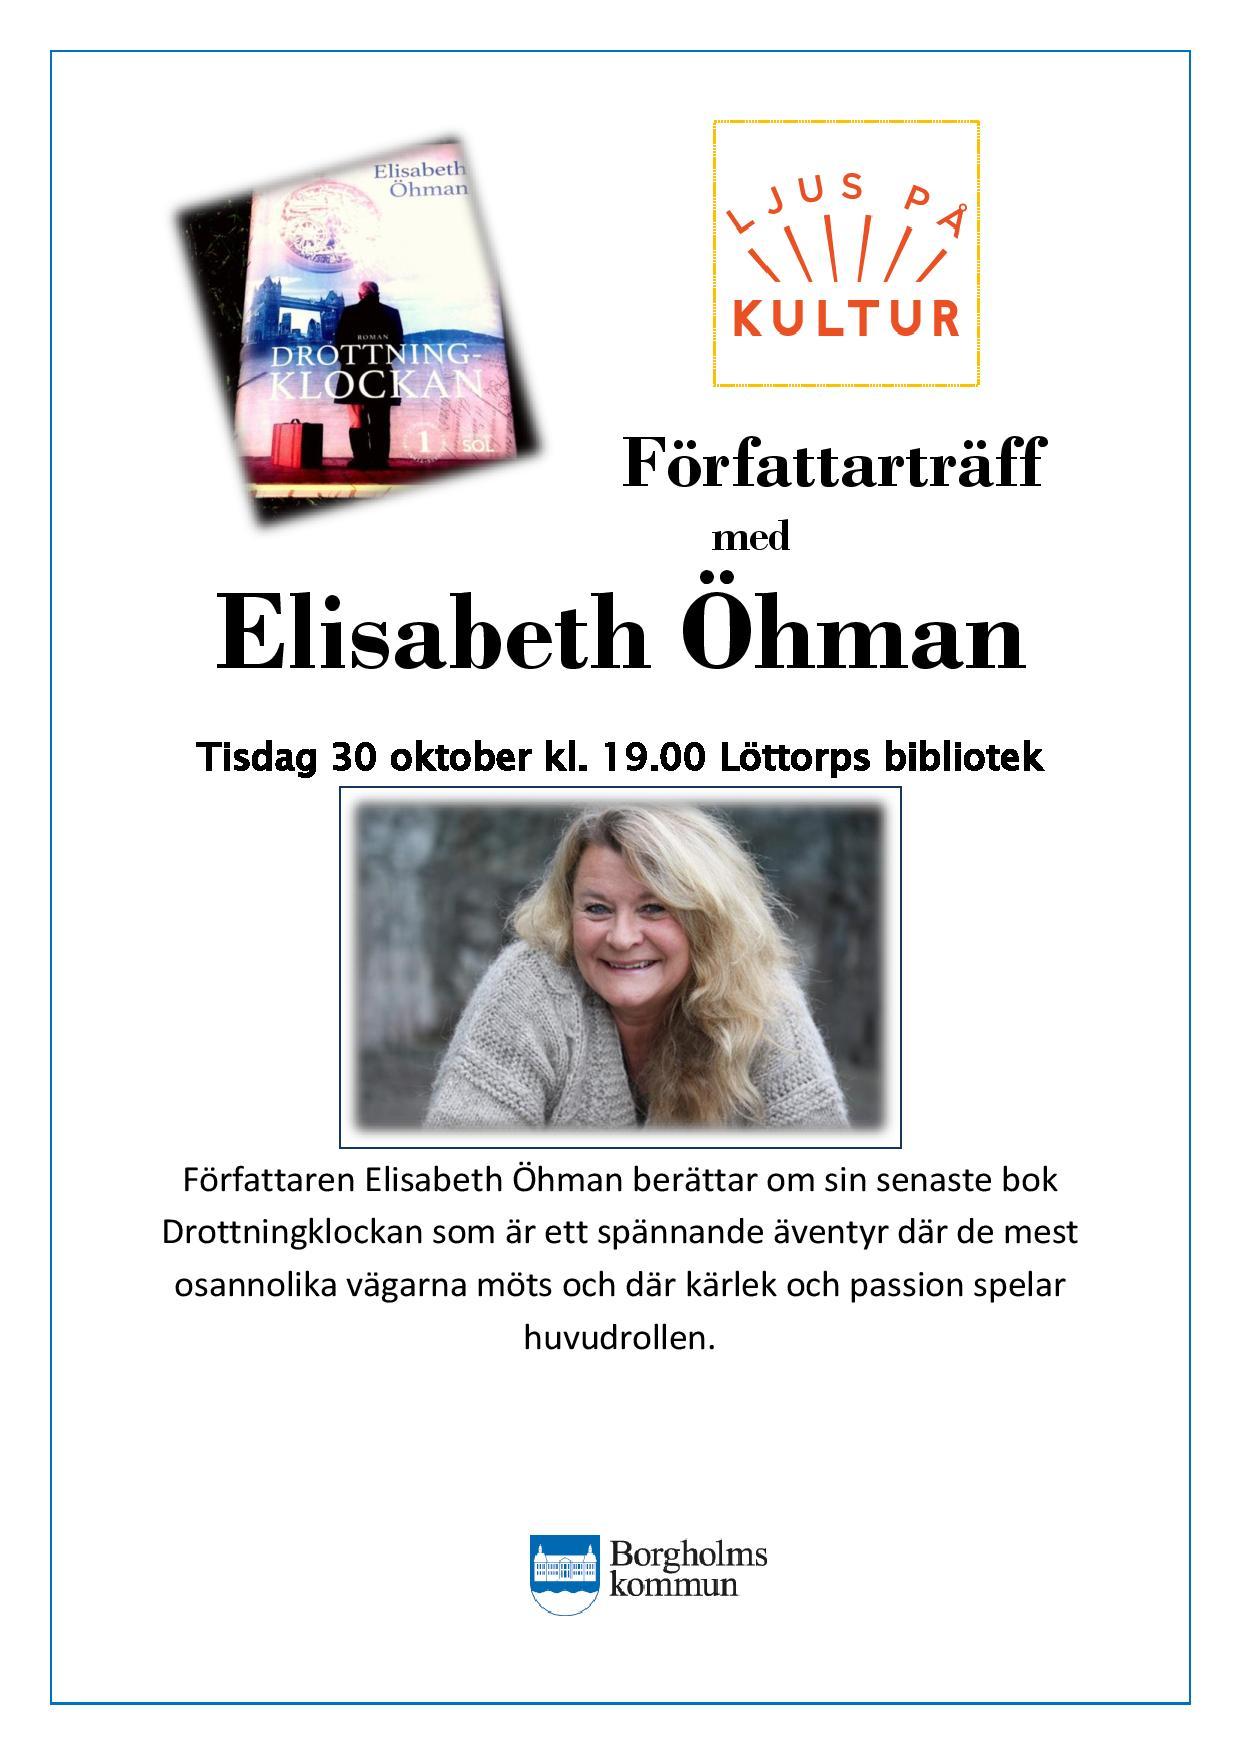 Välkommen till författarträff på Löttorps Bibliotek!